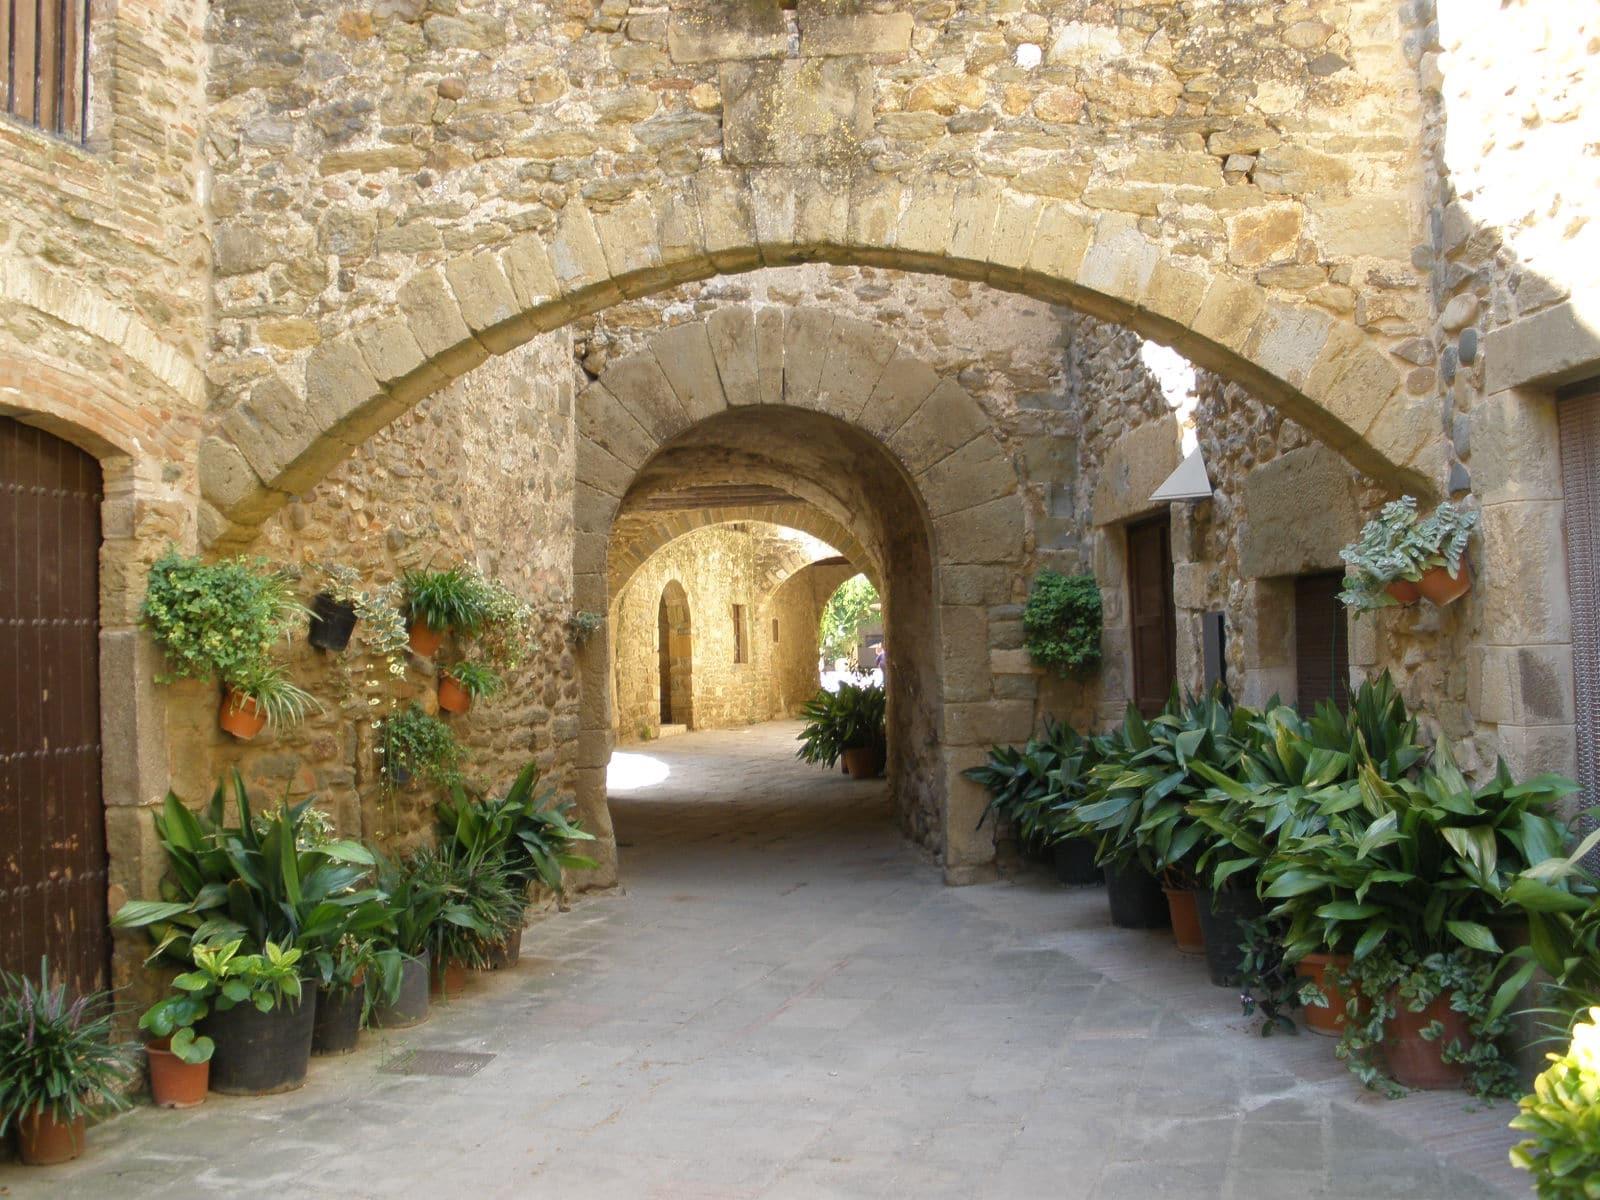 5 Borghi della Catalogna da Scoprire